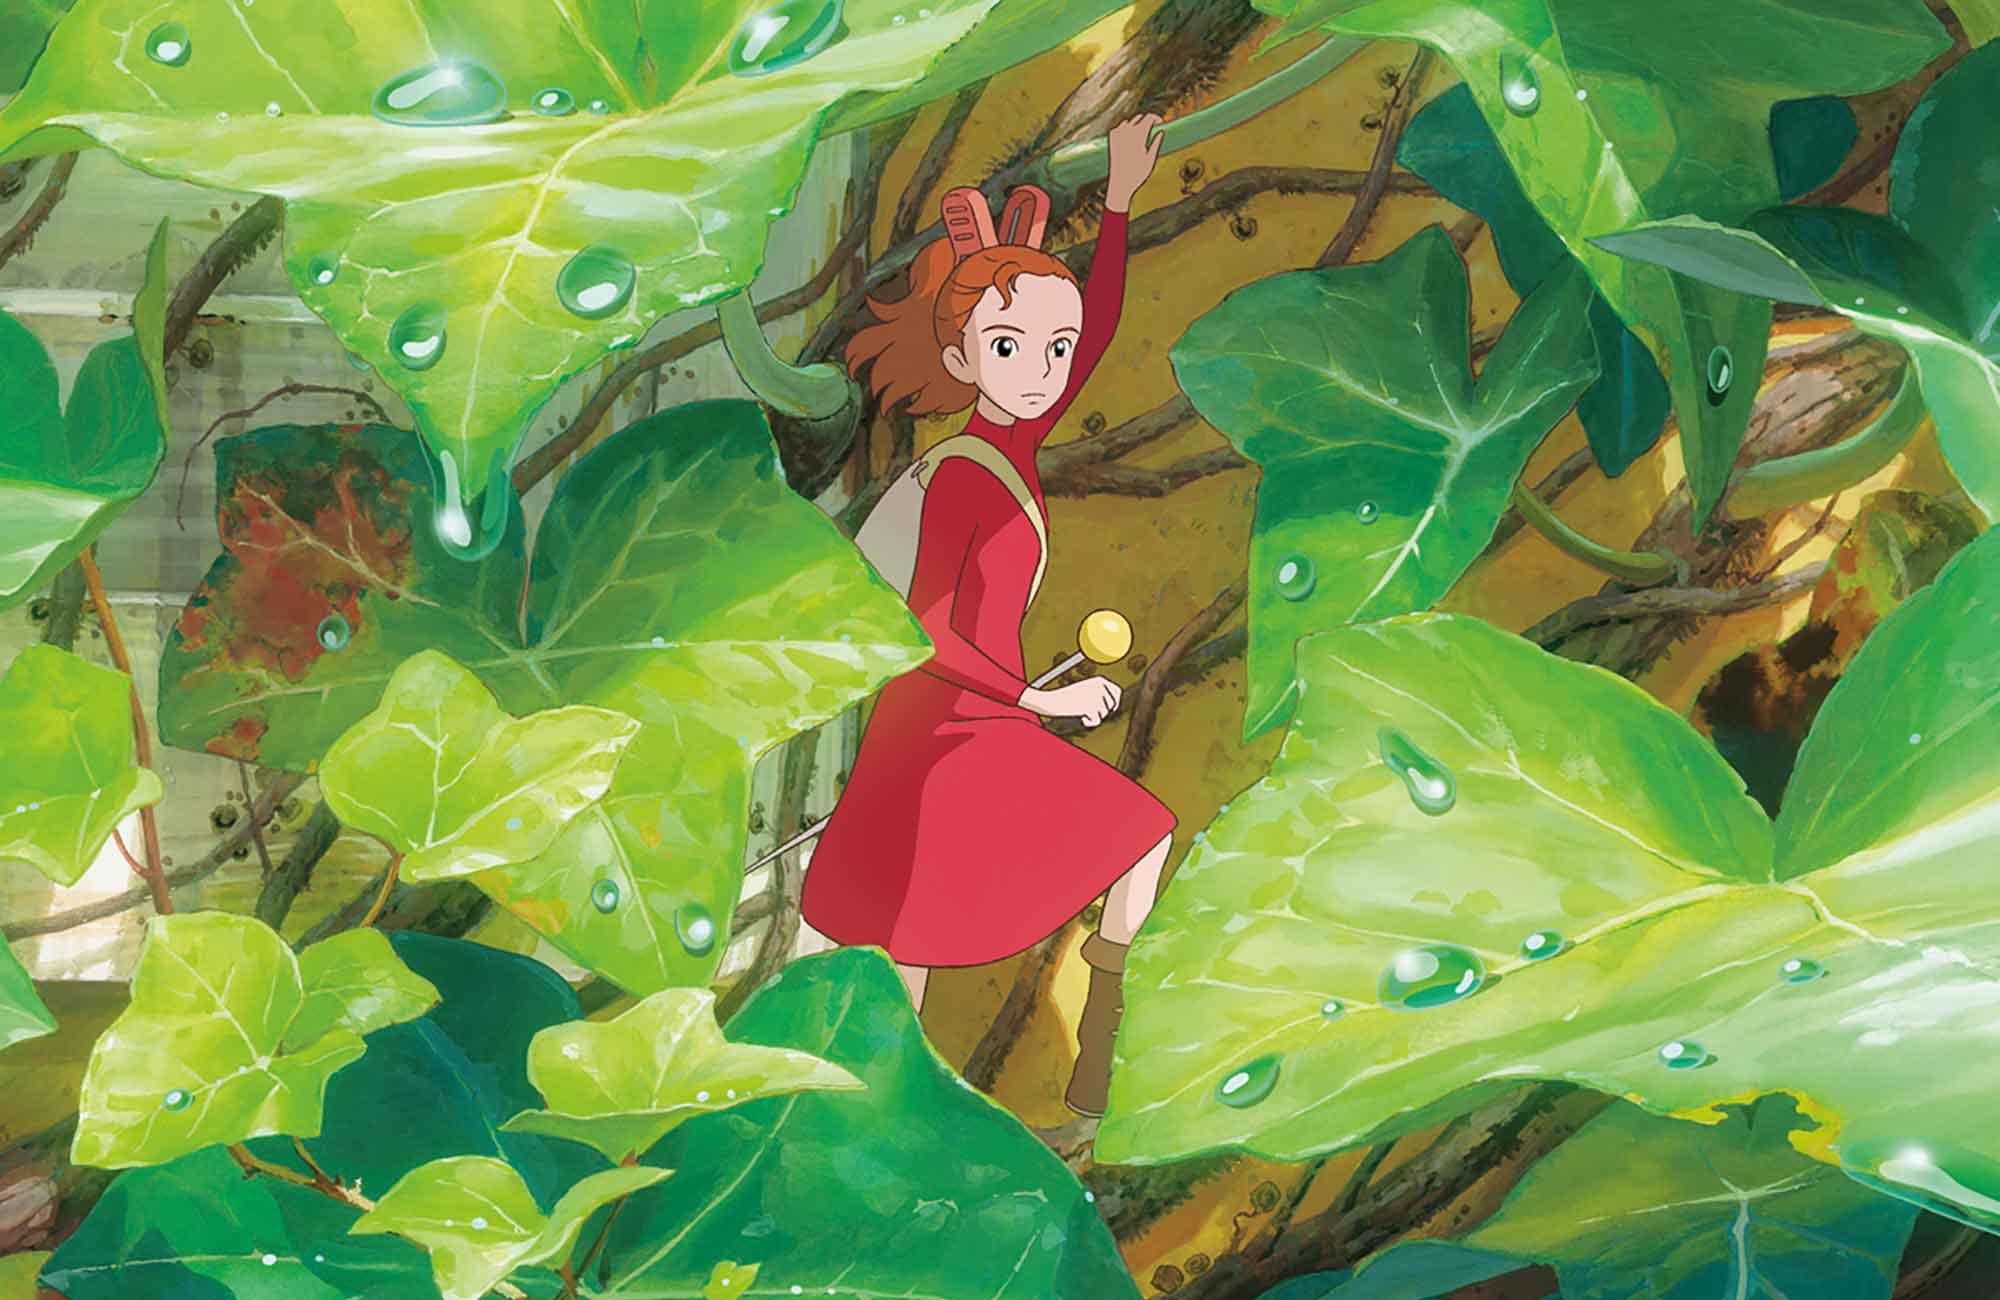 Arrietty-image-promotionnelle-chapardeur-lieu-réel-miyazaki